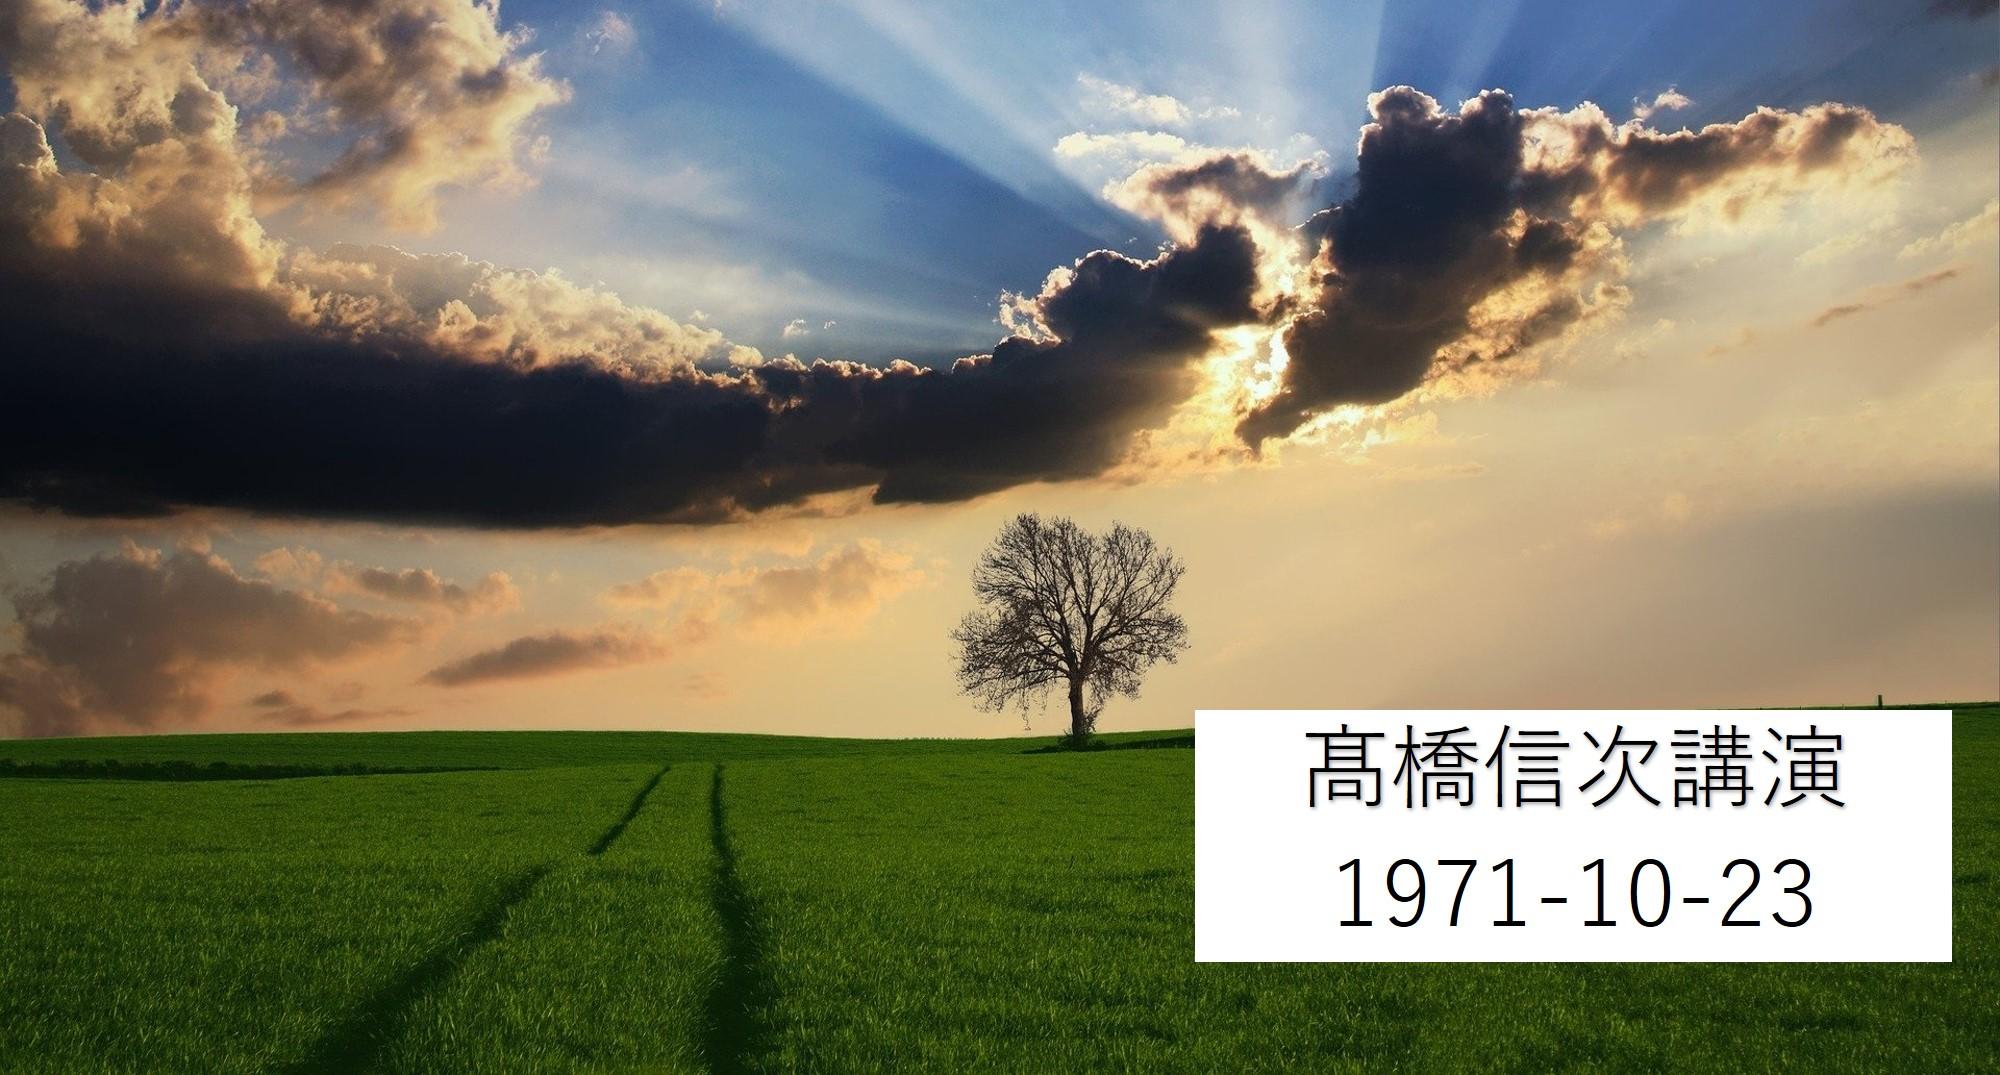 髙橋信次講演1